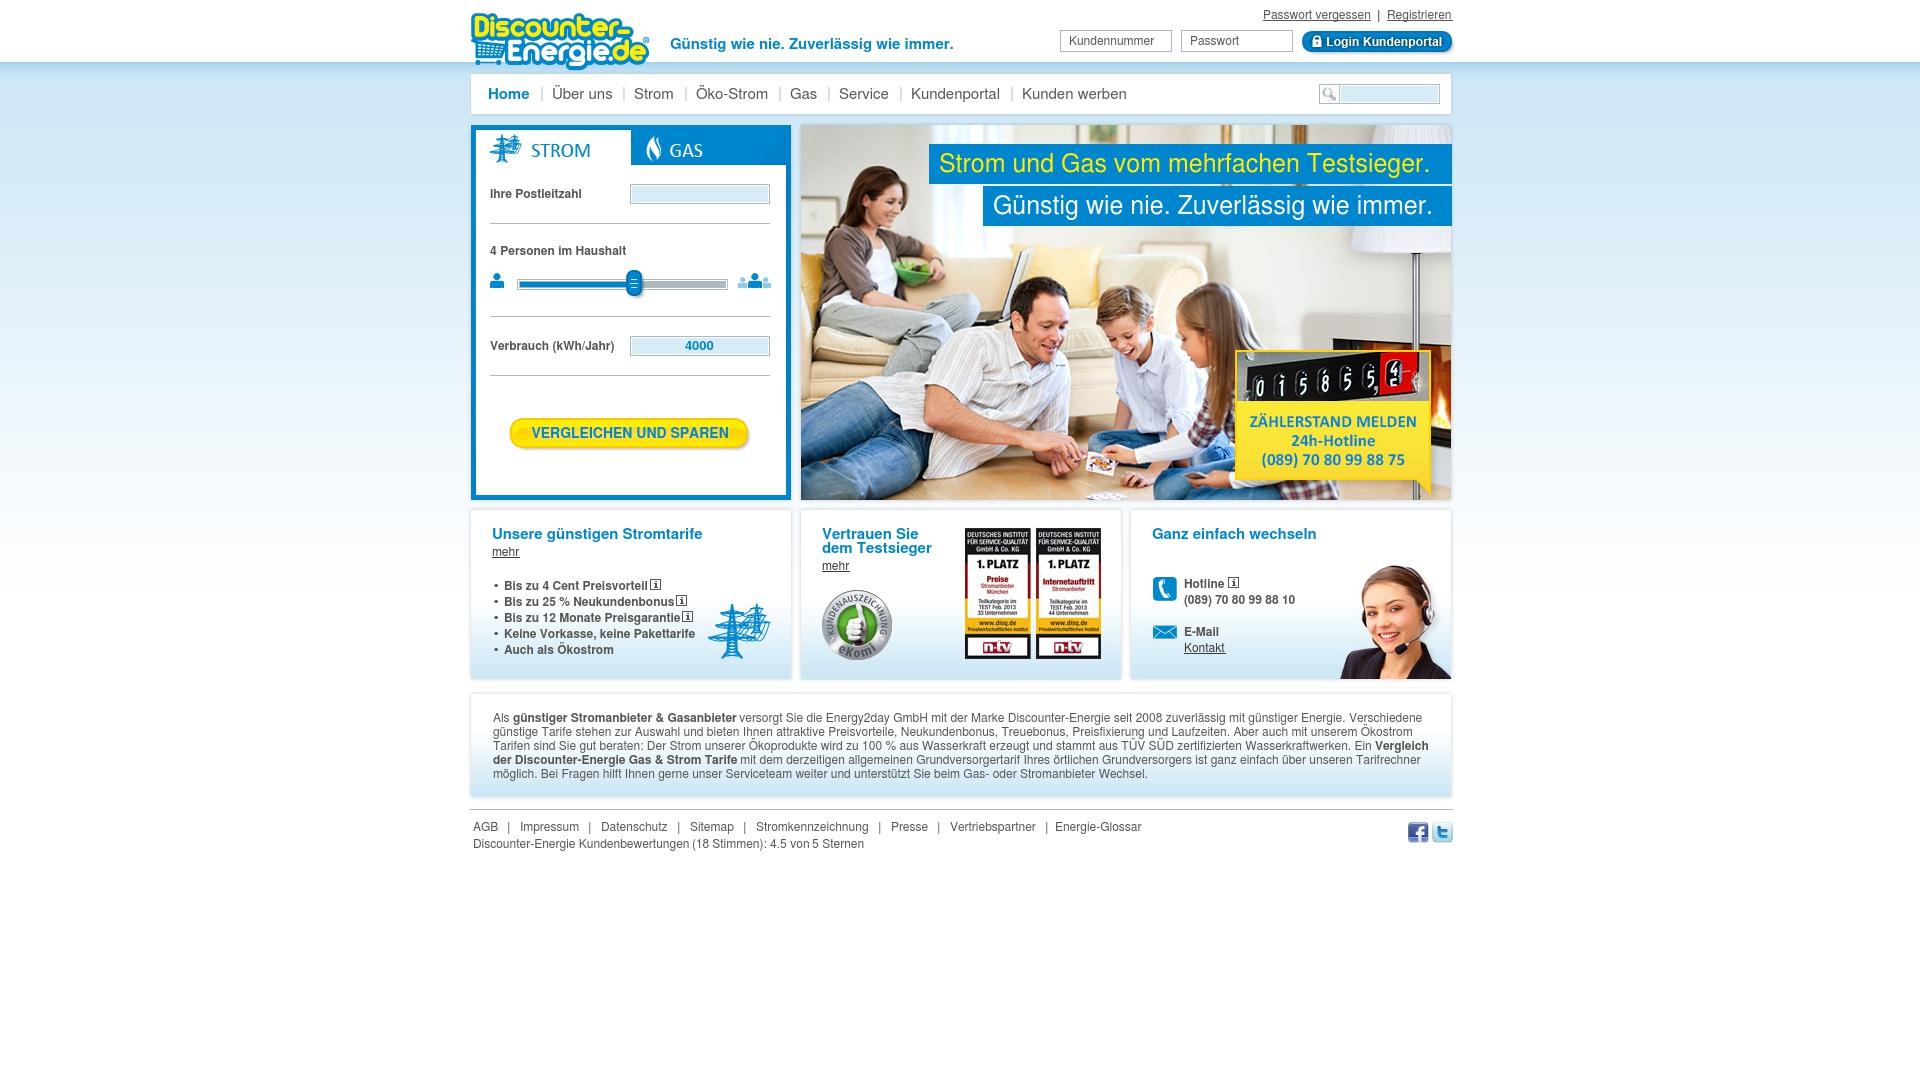 Gutschein für Discounter-energie: Rabatte für  Discounter-energie sichern